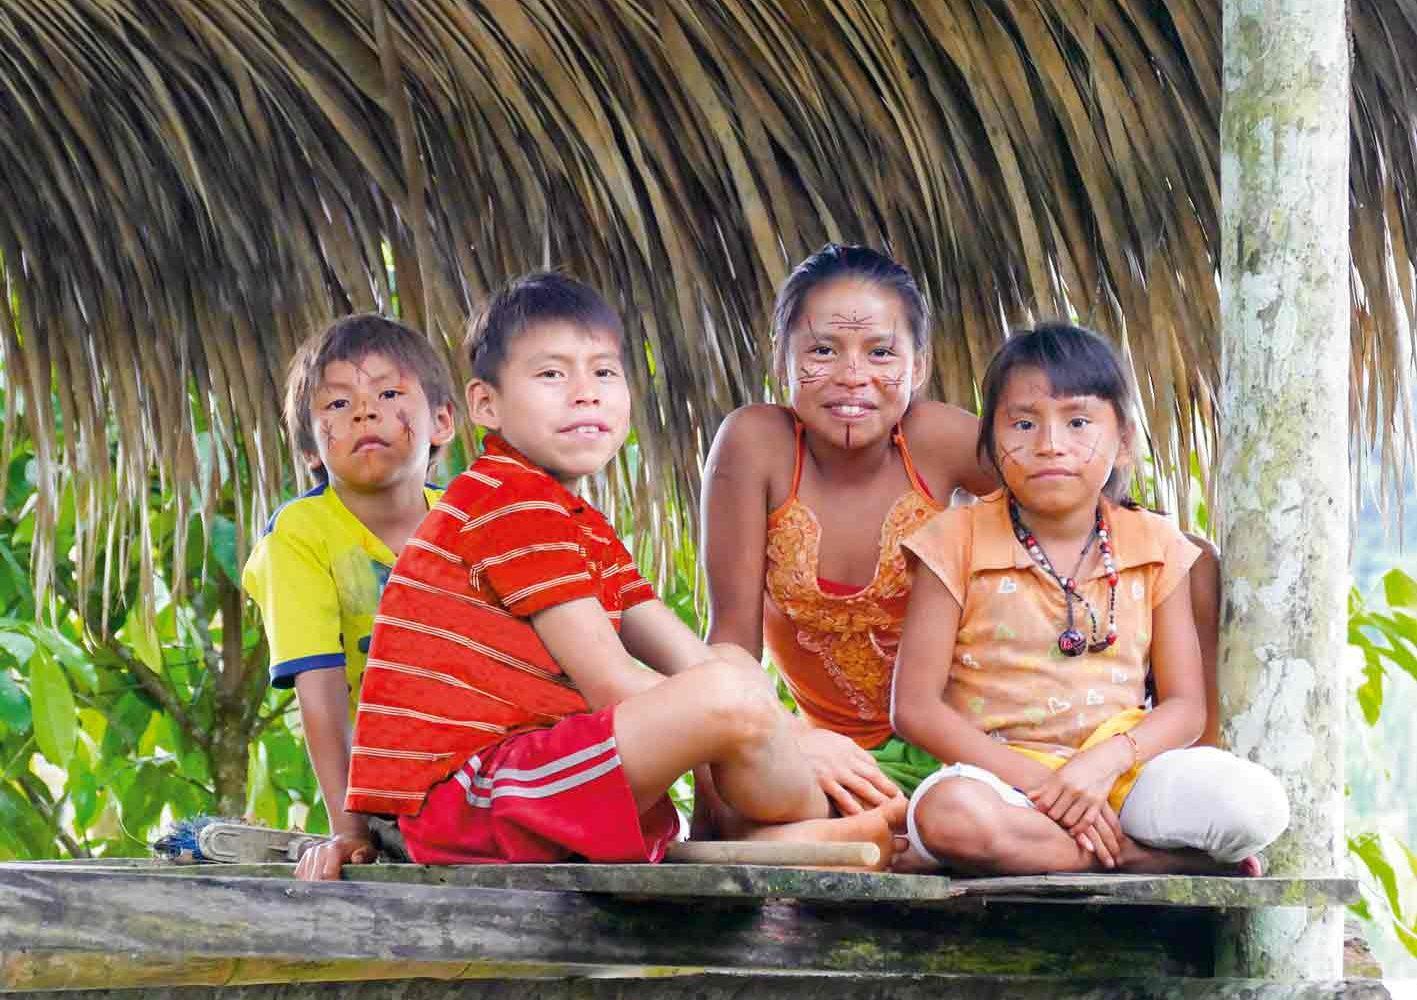 Im Urwald von Ecuador besuchen wir Indianer-Familien und auch einen Schamanen.